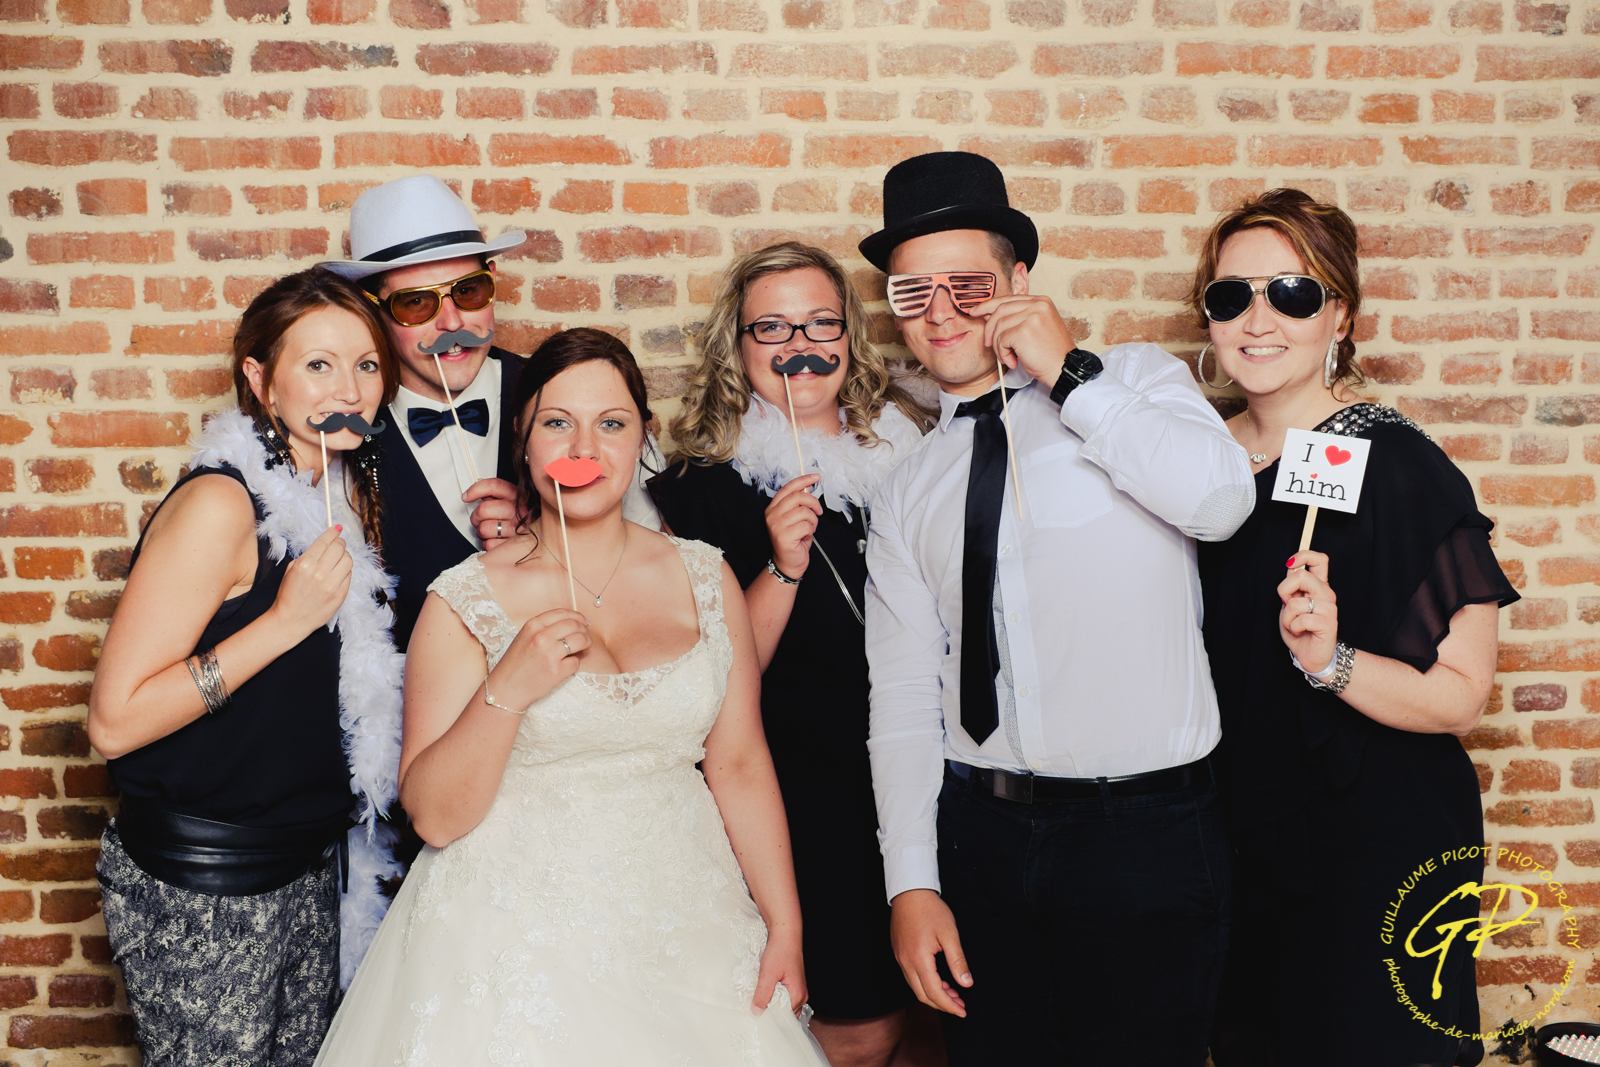 mariage Landrecie-6458